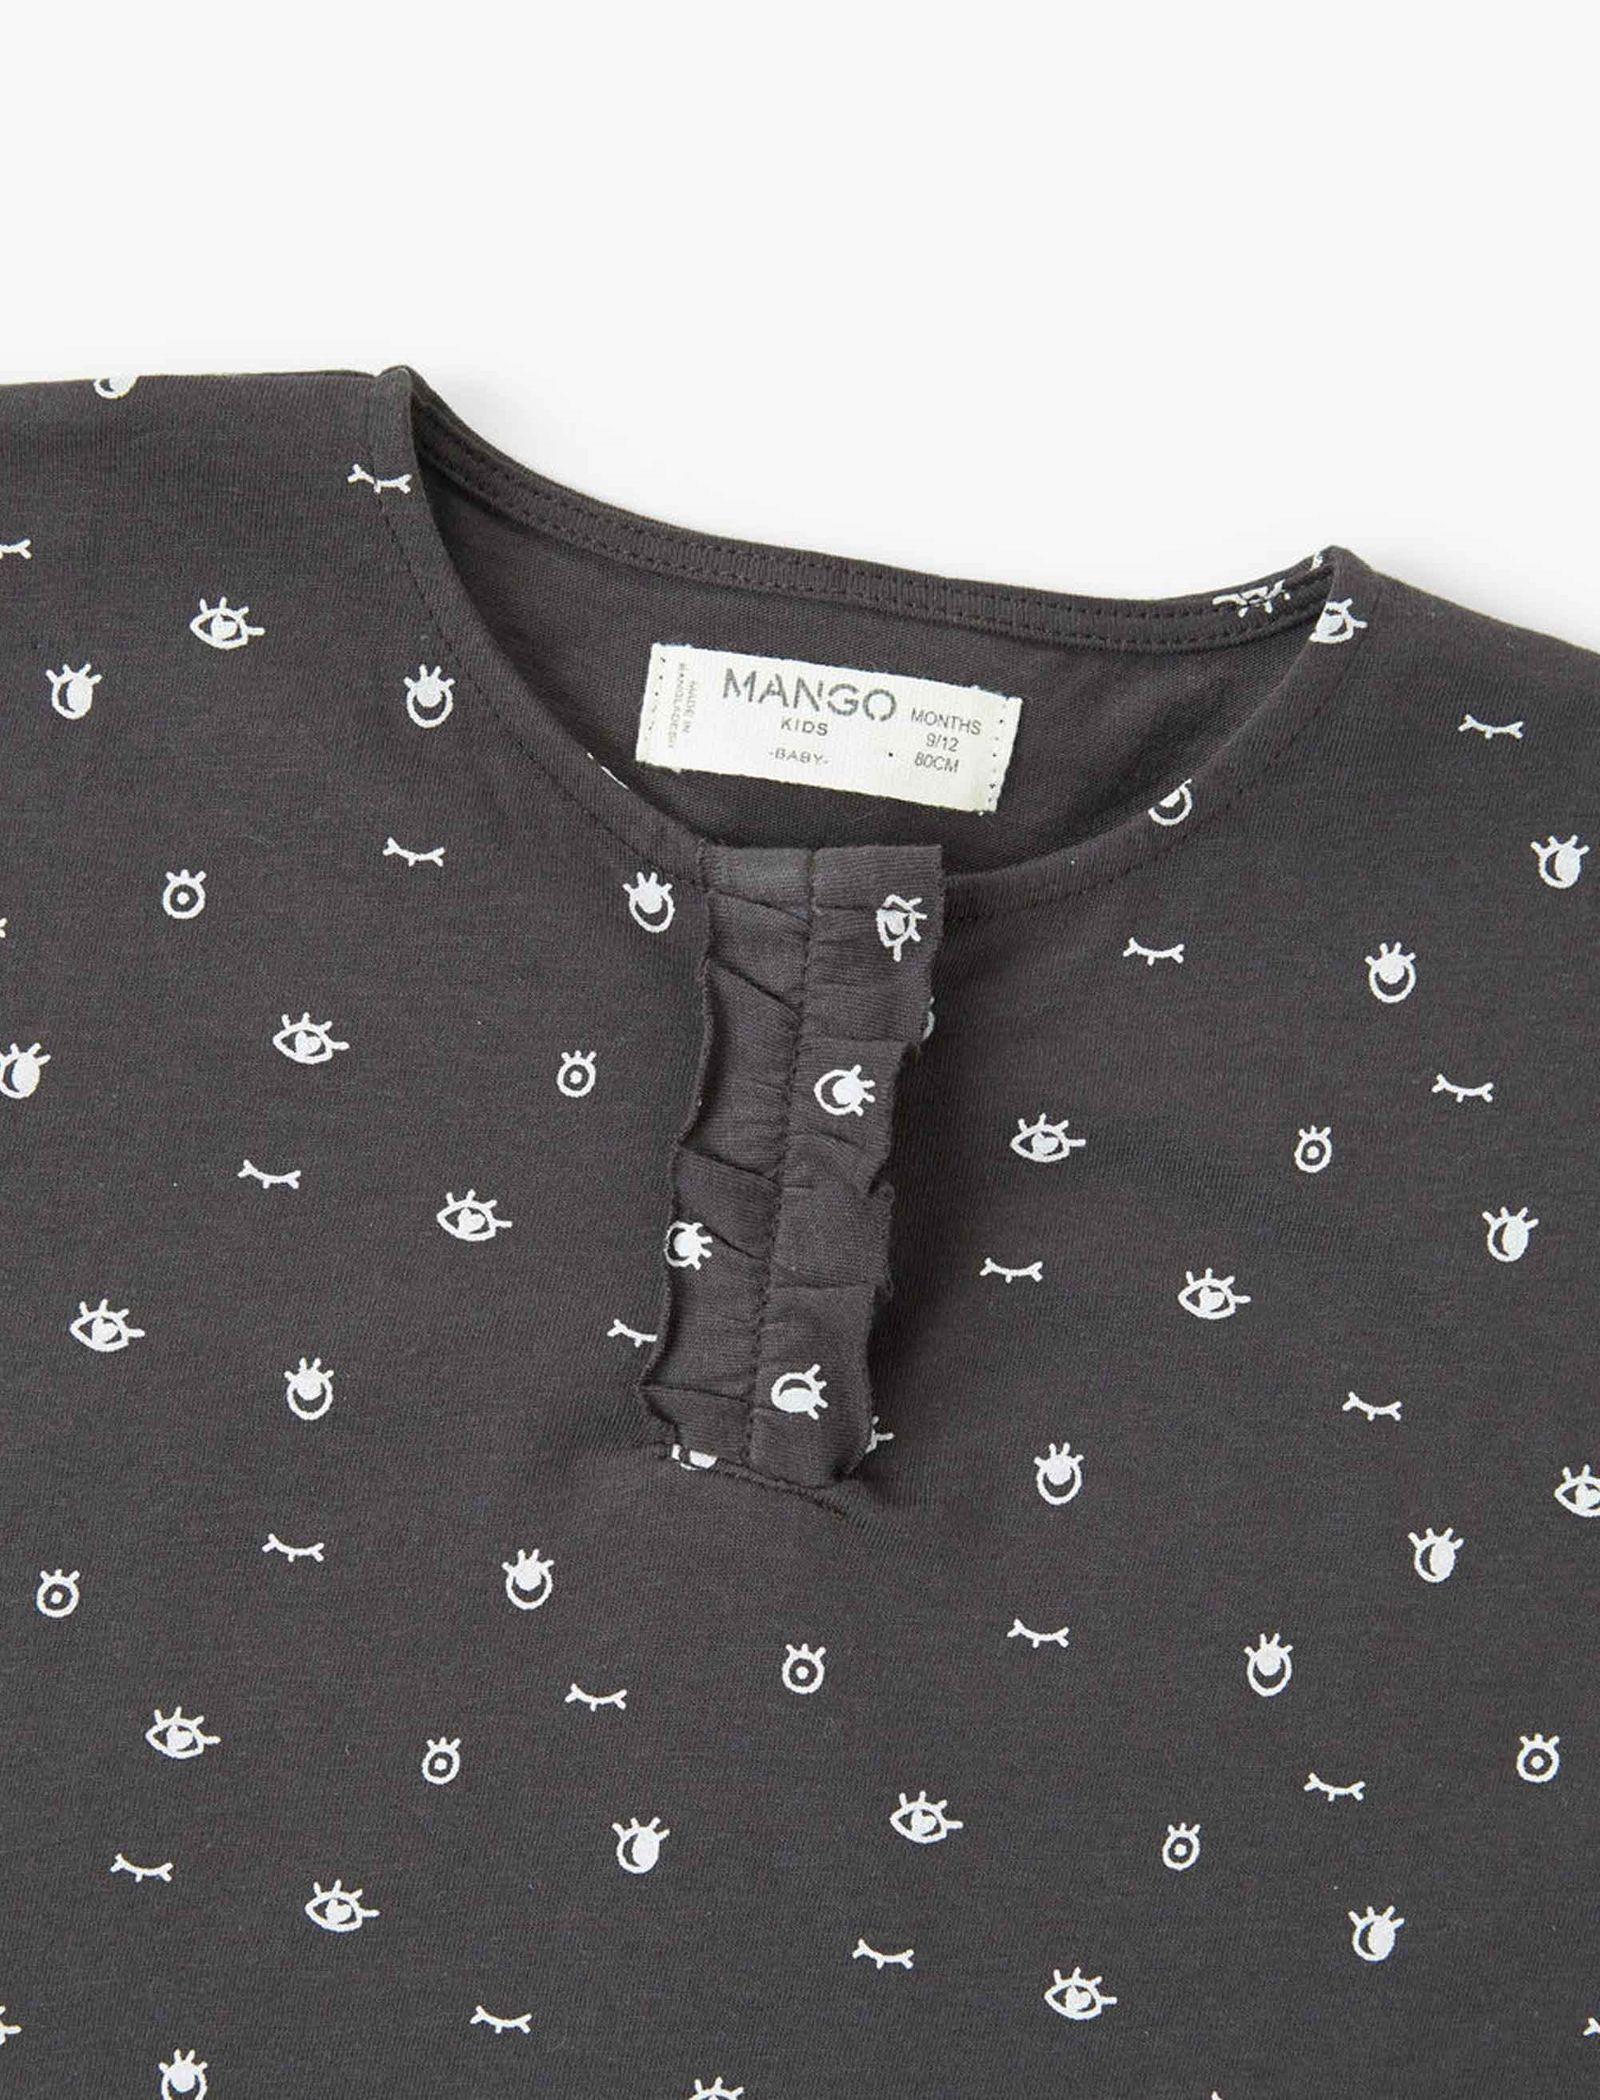 تی شرت نخی آستین بلند نوزادی دخترانه - مانگو - زغالي - 4